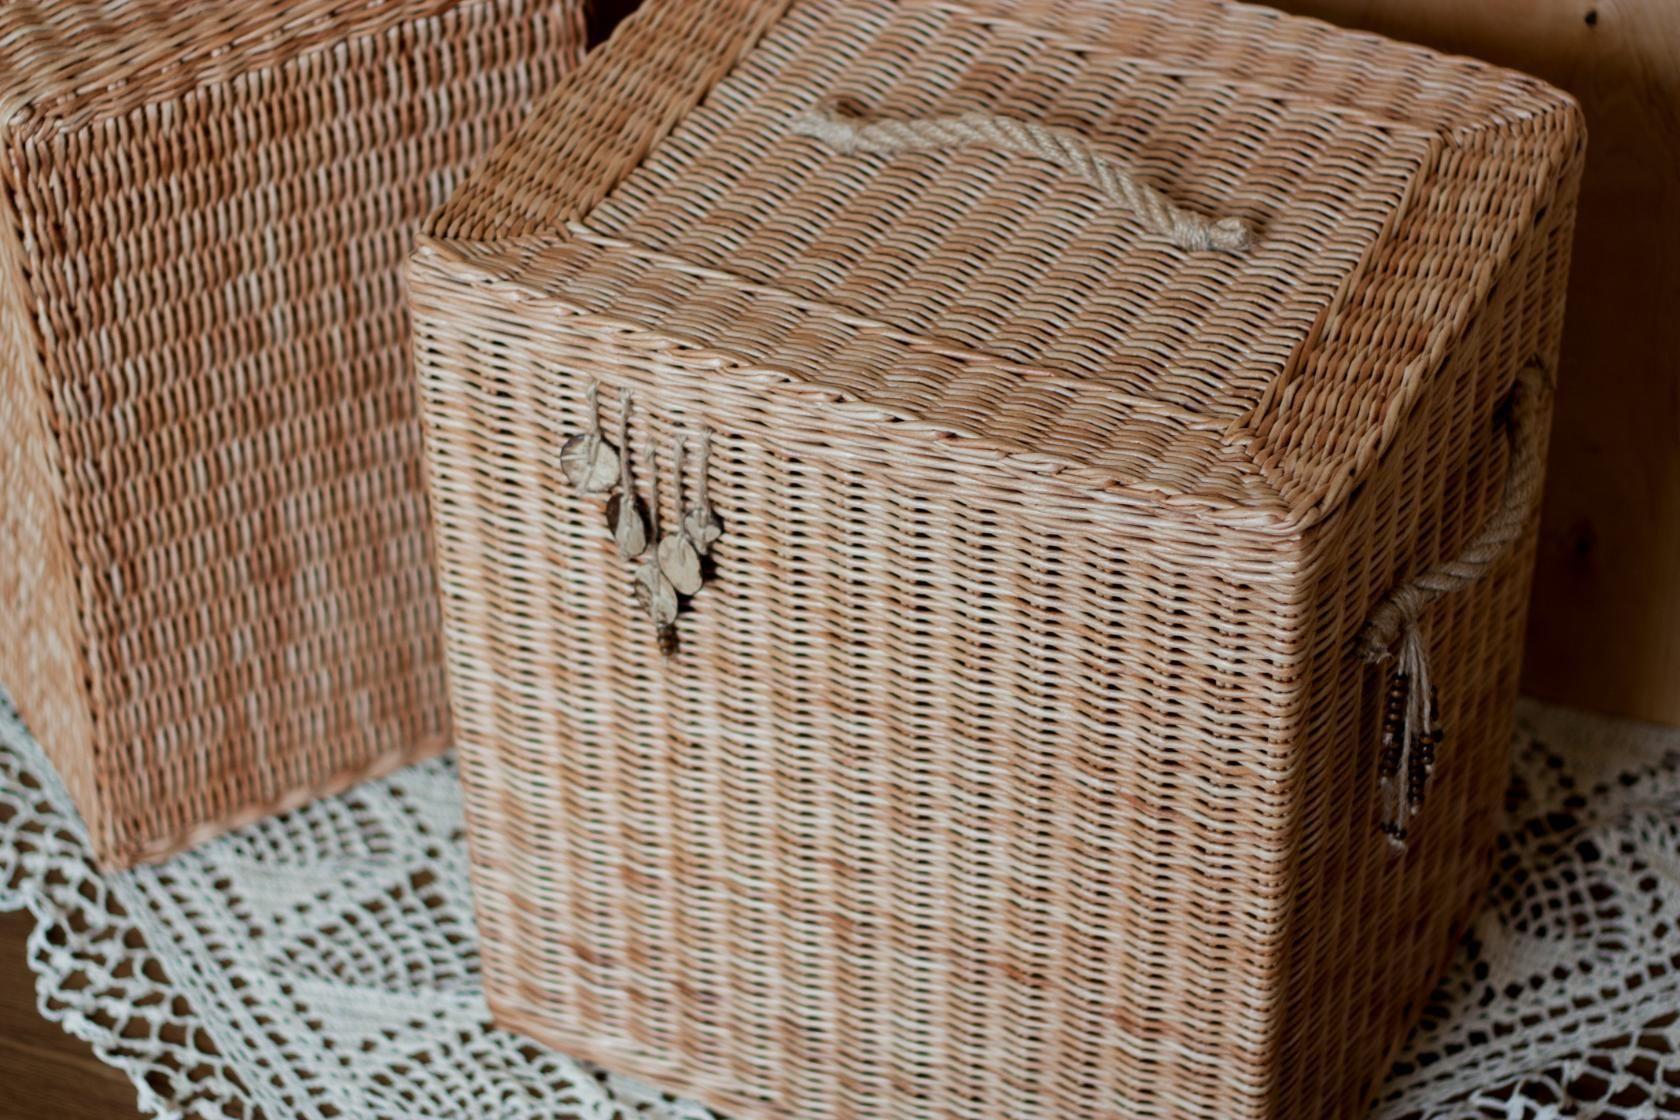 Плетёная корзина для белья - разновидности и материалы